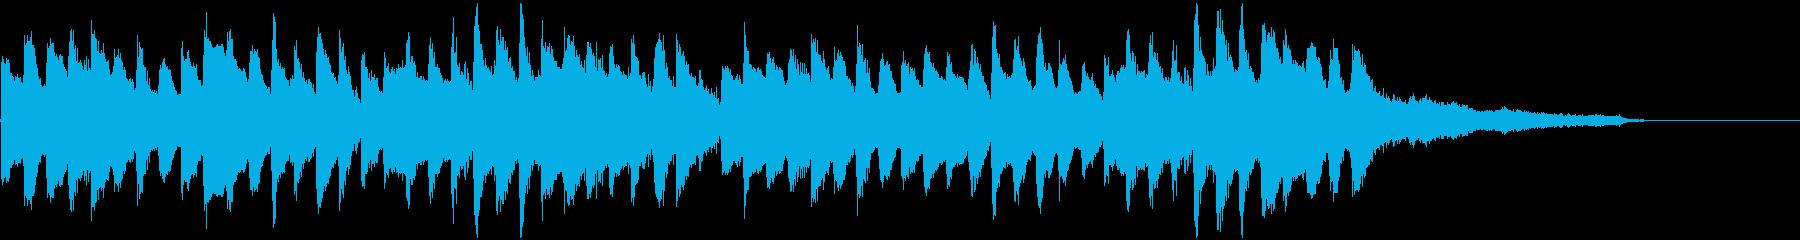 まったりとしたピアノメインのジングルの再生済みの波形